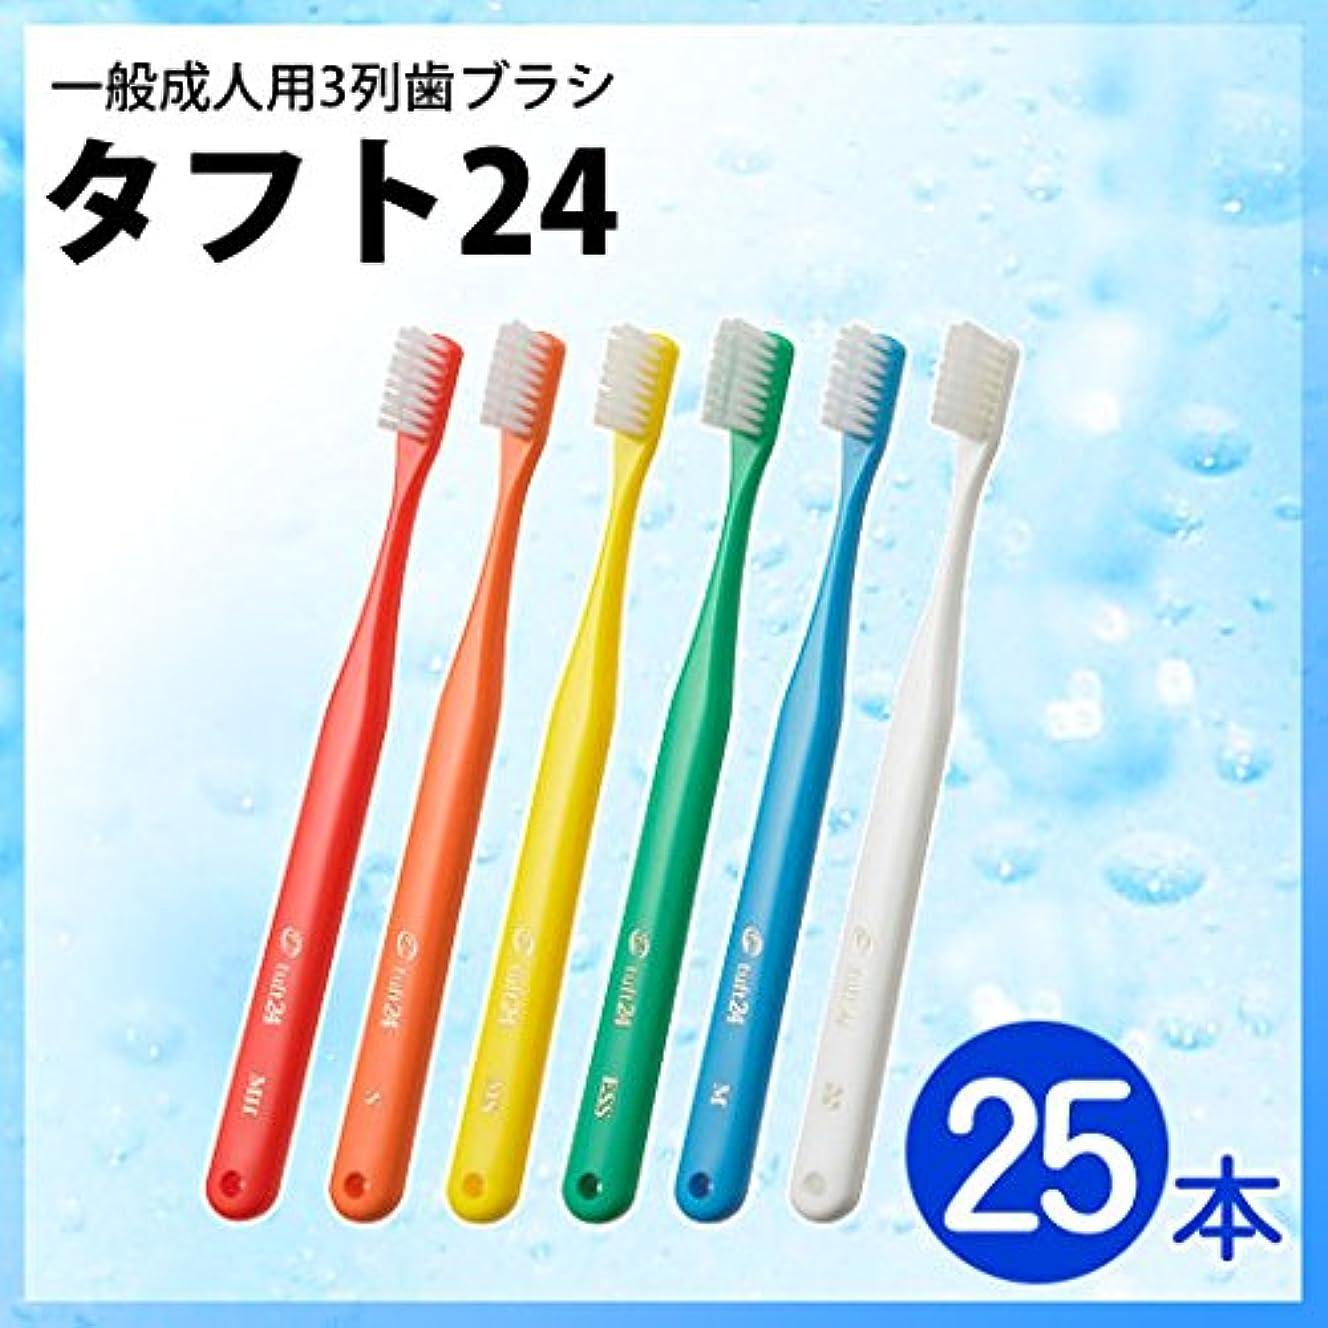 決定的ピット必要としているタフト24 【歯ブラシ/タフト】25本セットオーラルケア タフト24 一般成人用 3列歯ブラシ MS(ミディアムソフト) オレンジ